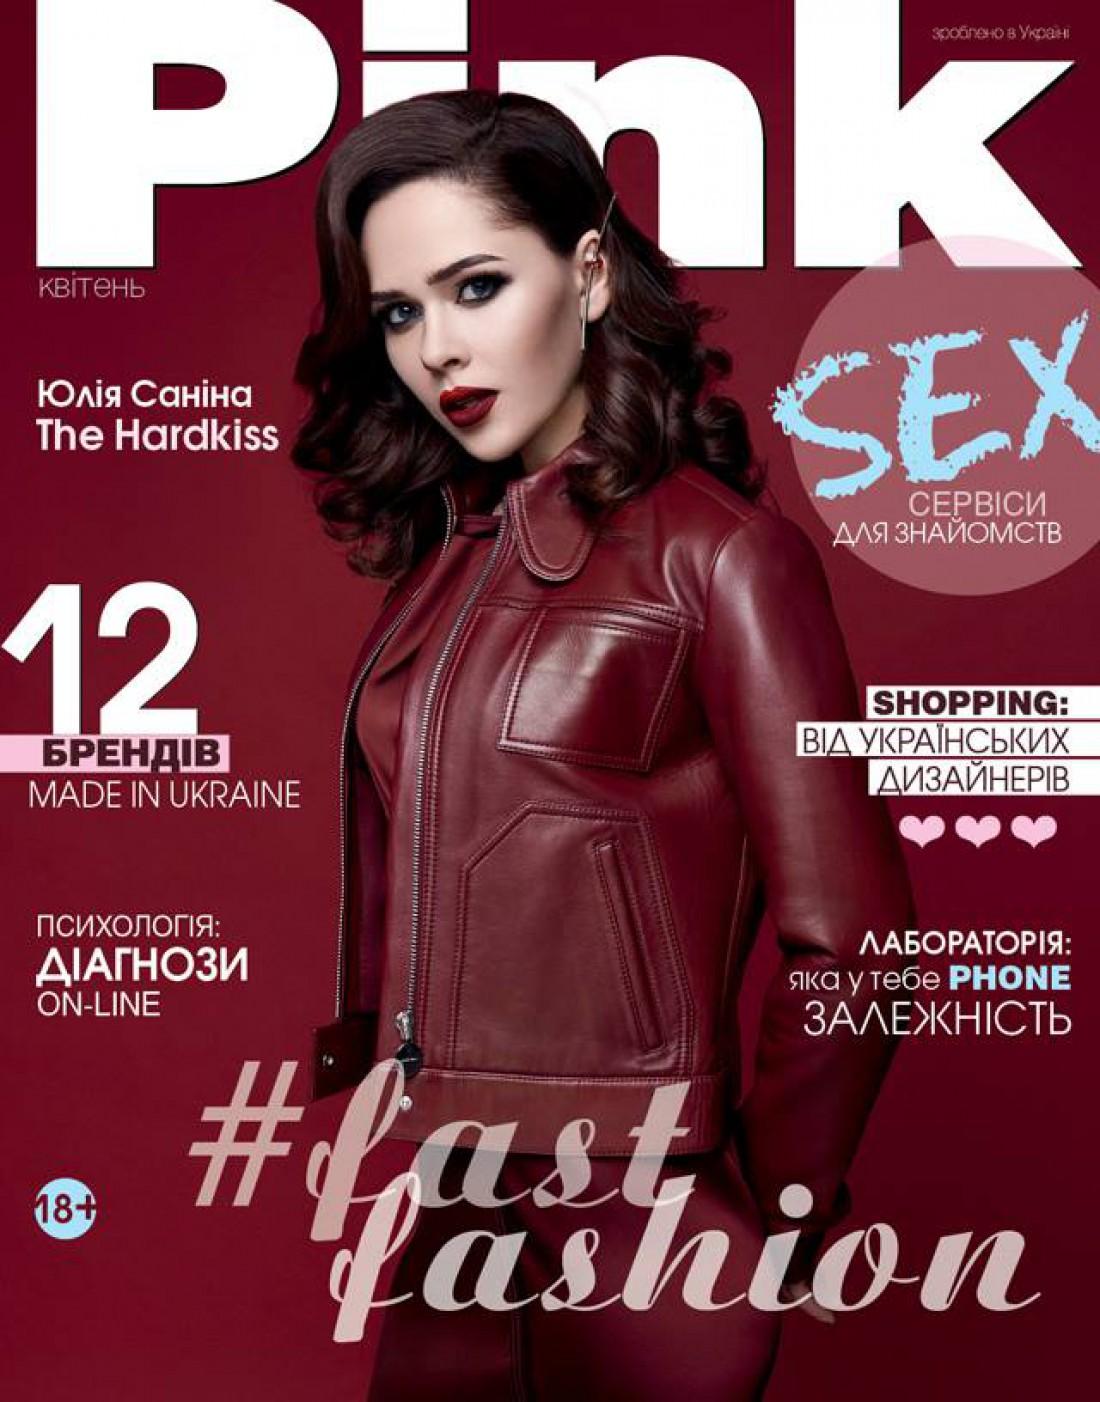 Юлия Санина стала героиней апрельской обложки Pink